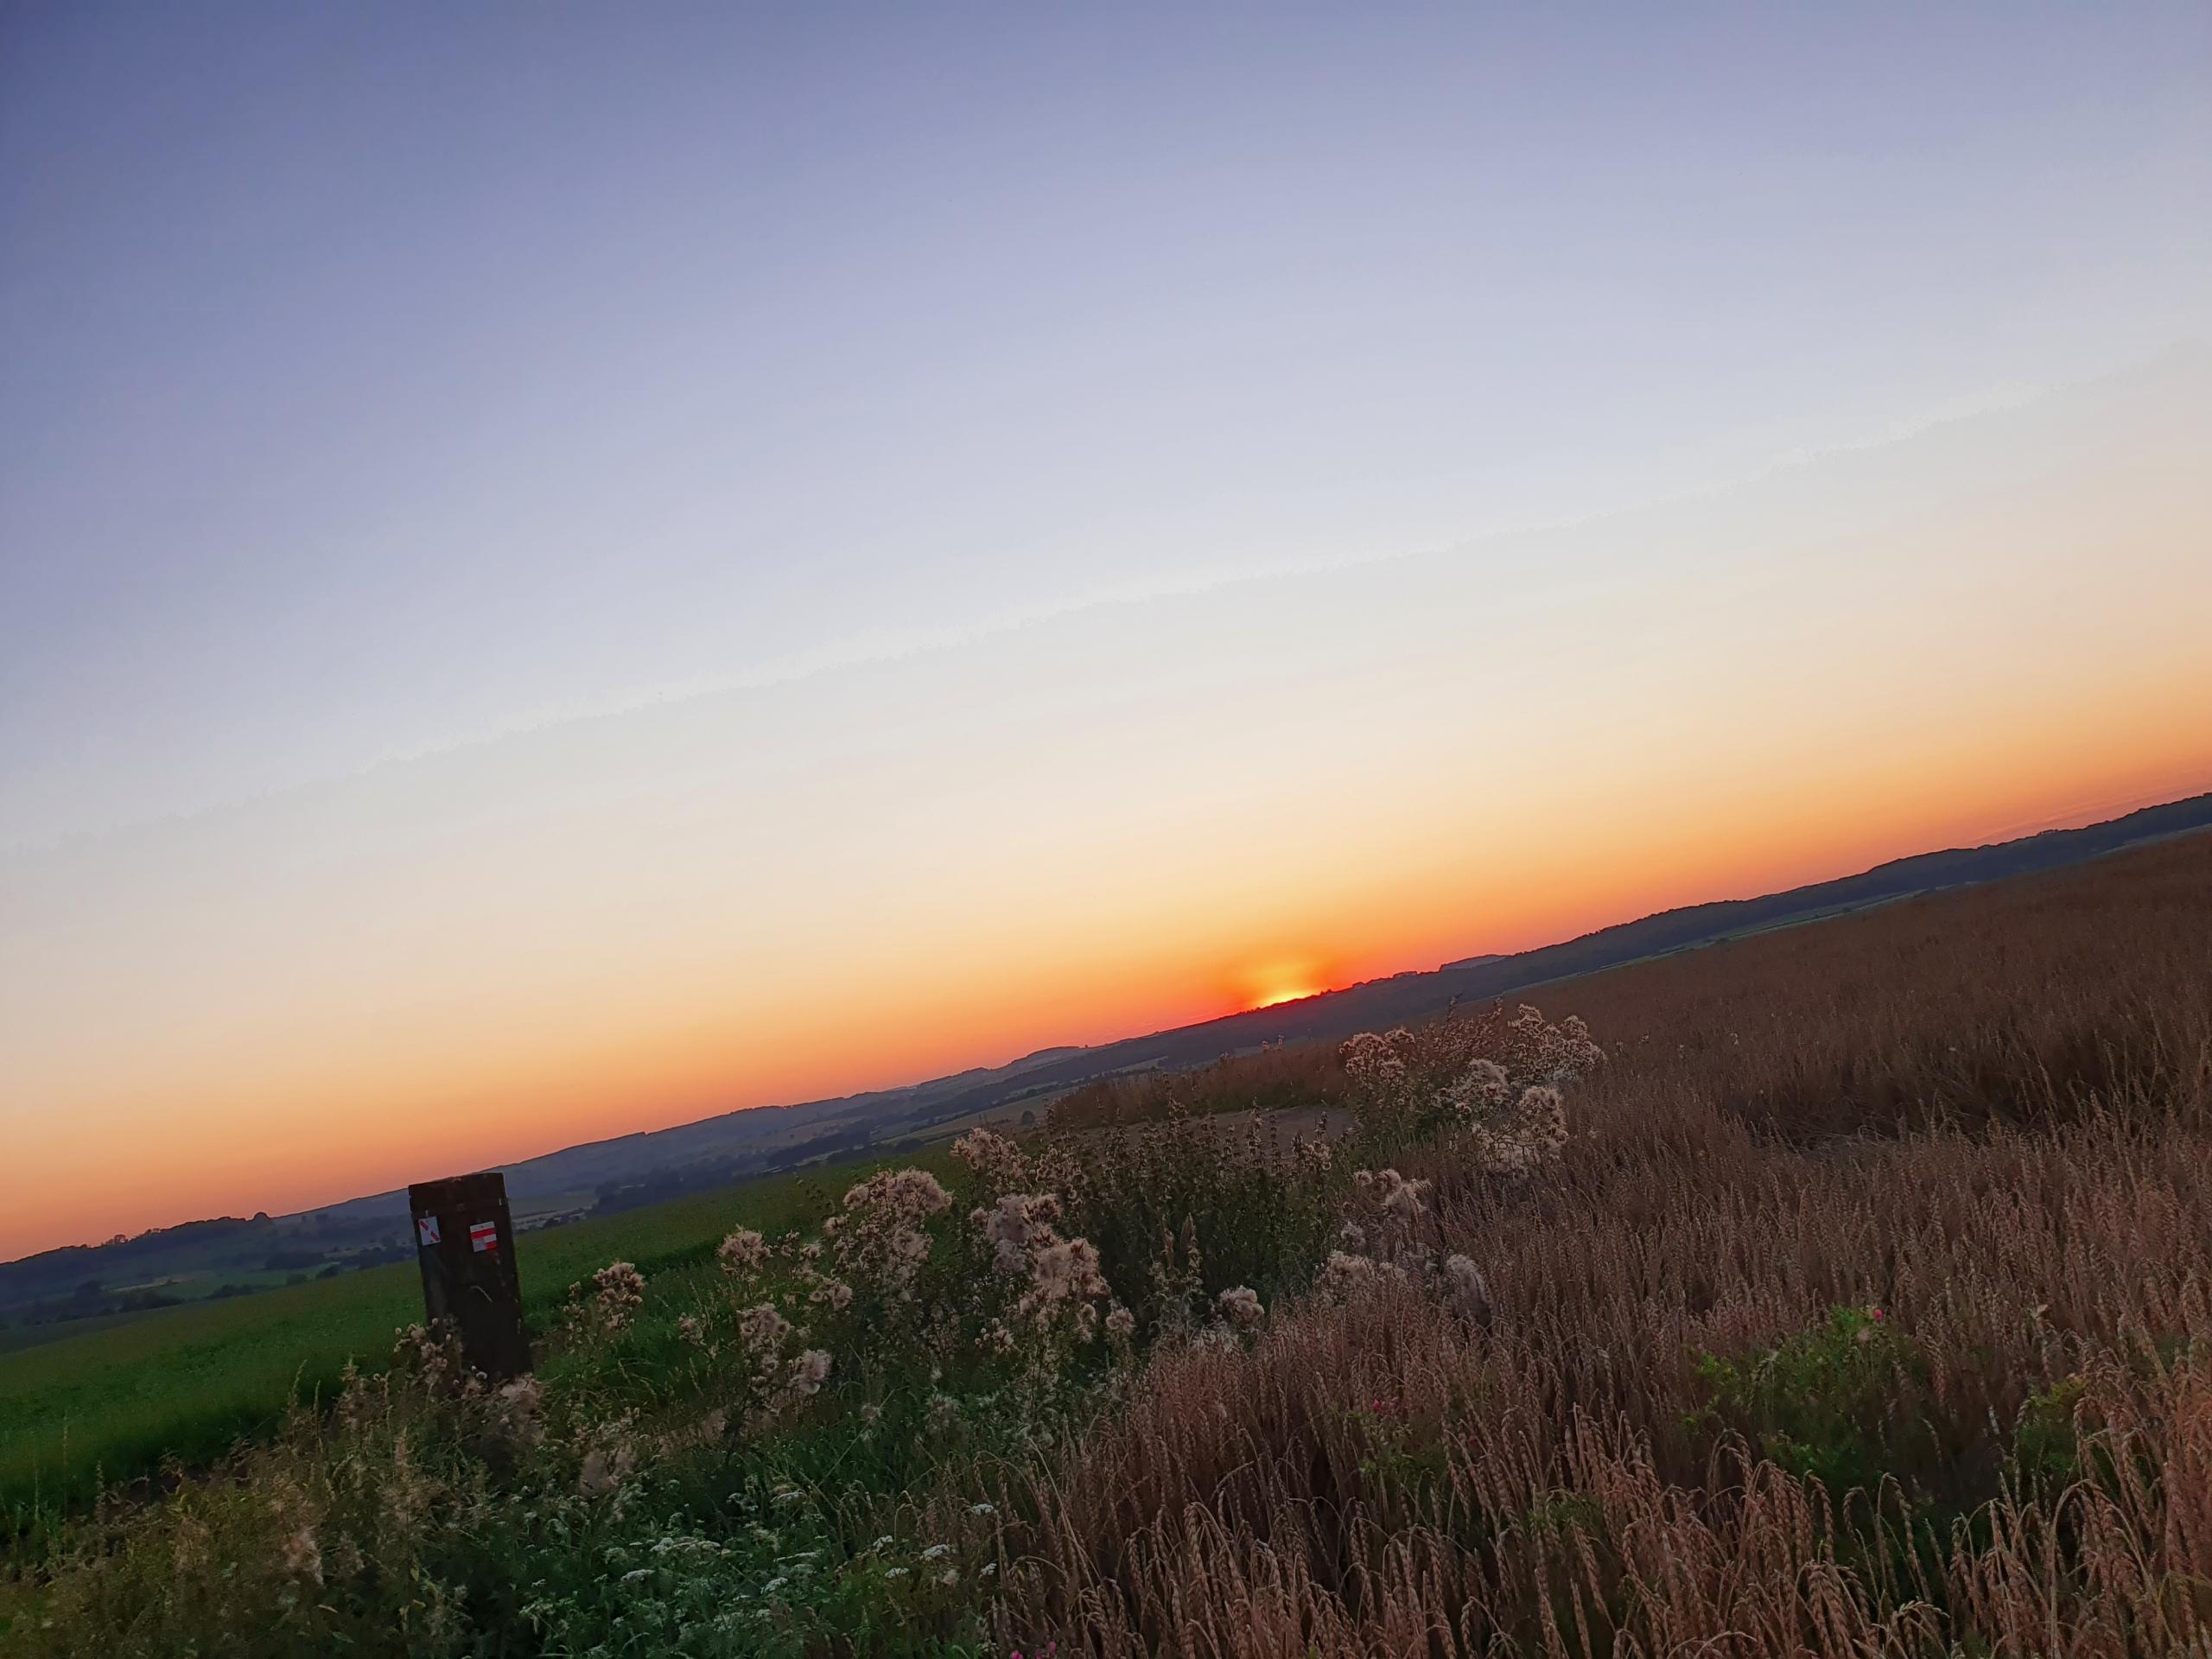 De zon zakt weg achter de heuvels